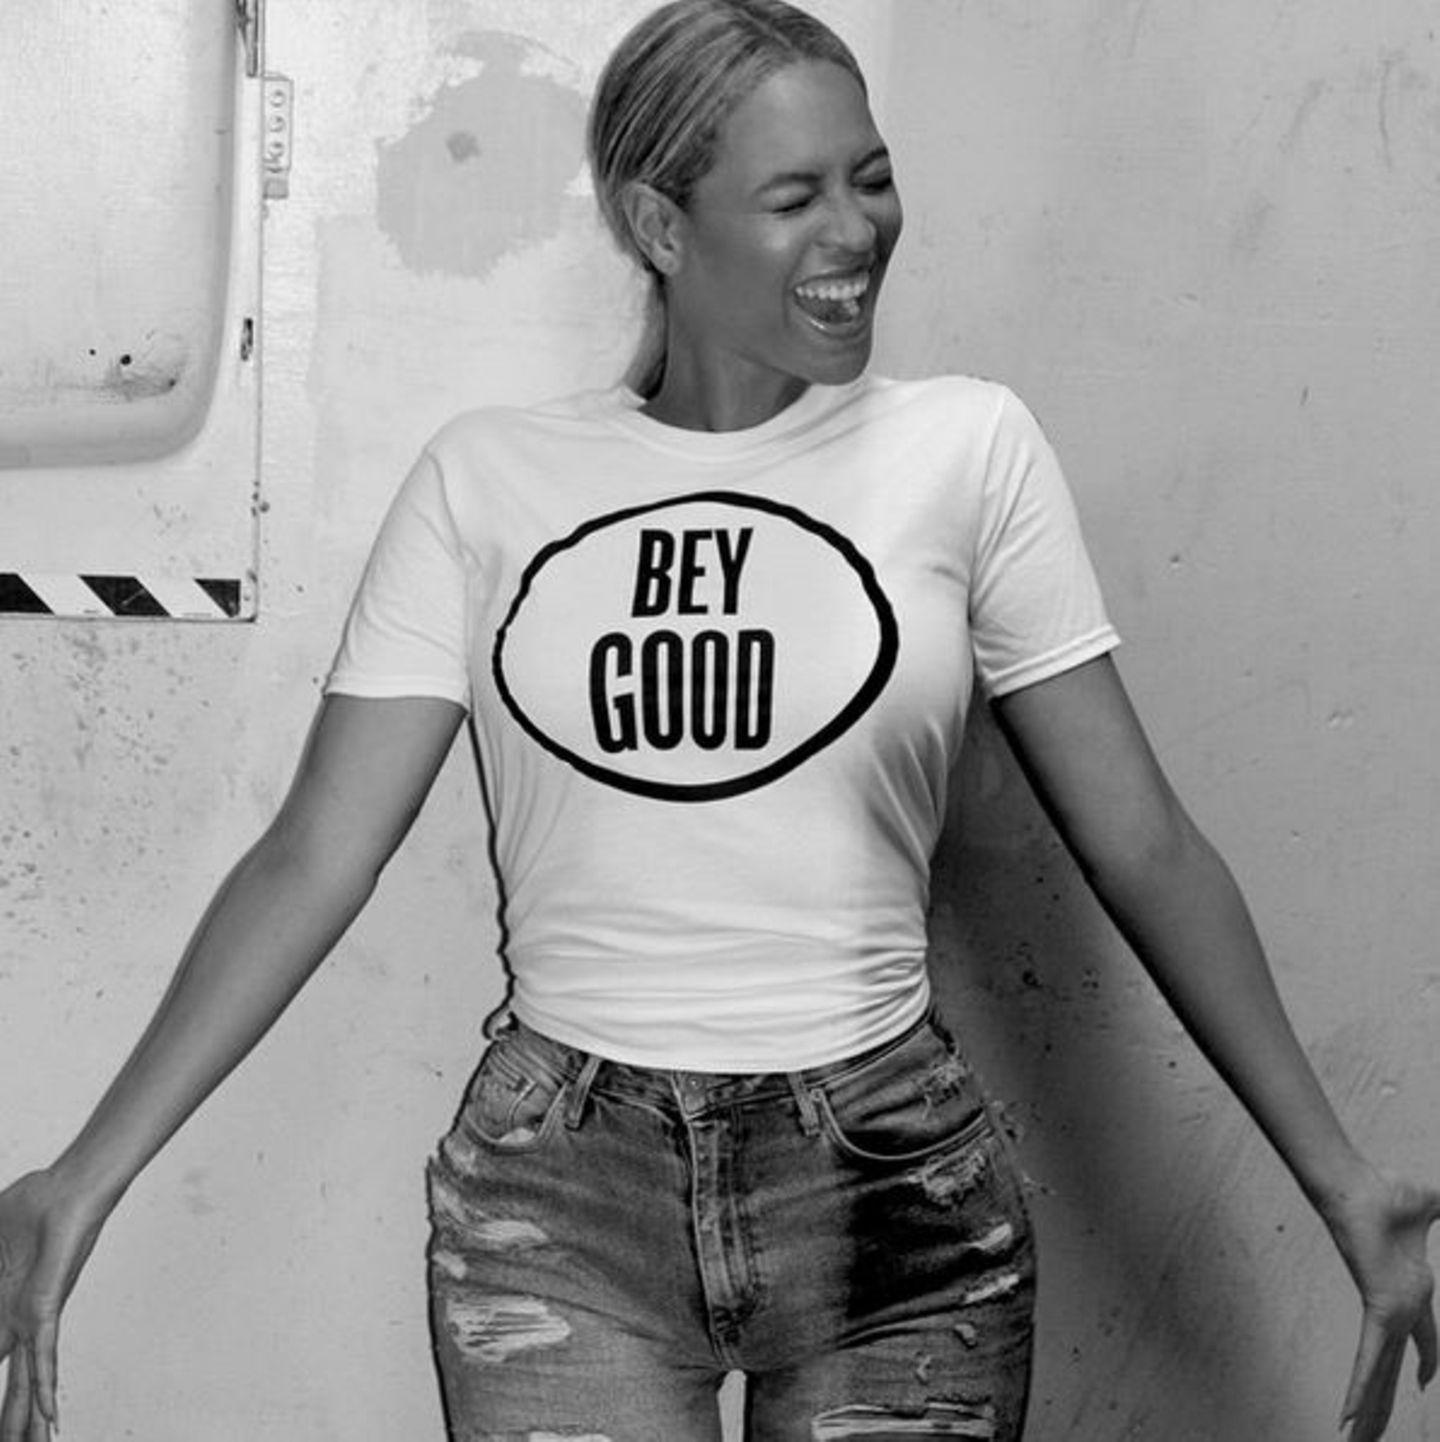 """Der Erlös von Beyoncé Knowles """"Bey Good""""-Shirts kommt Kindern in Haiti zugute."""